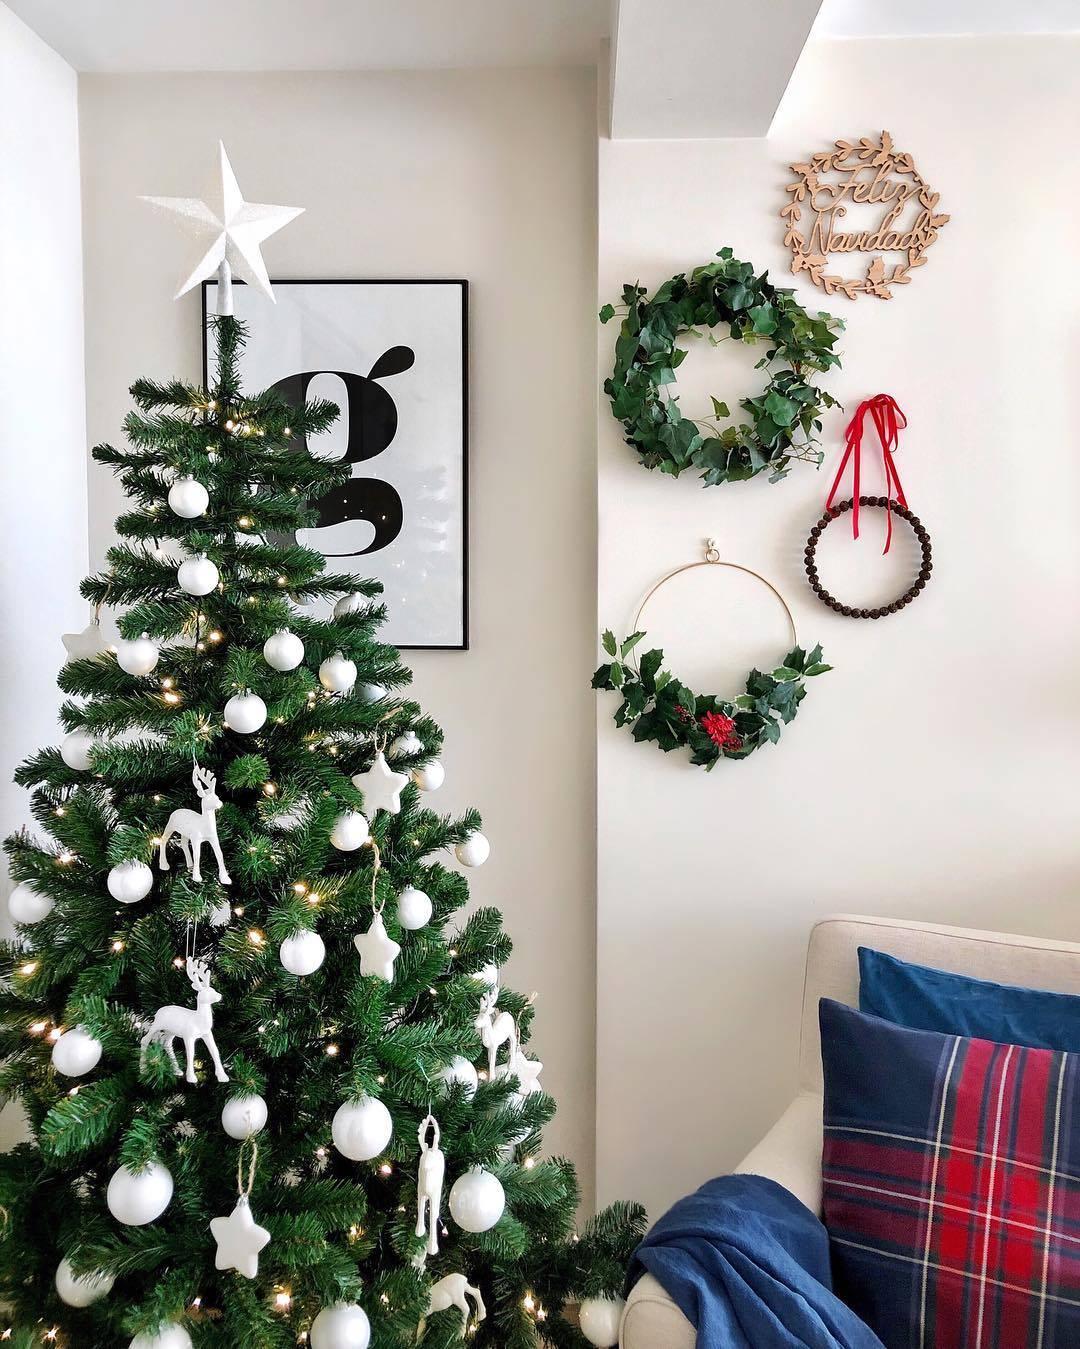 17cf4458a8d ÁRbol de Coton et Lavande. Un árbol de Navidad Total white